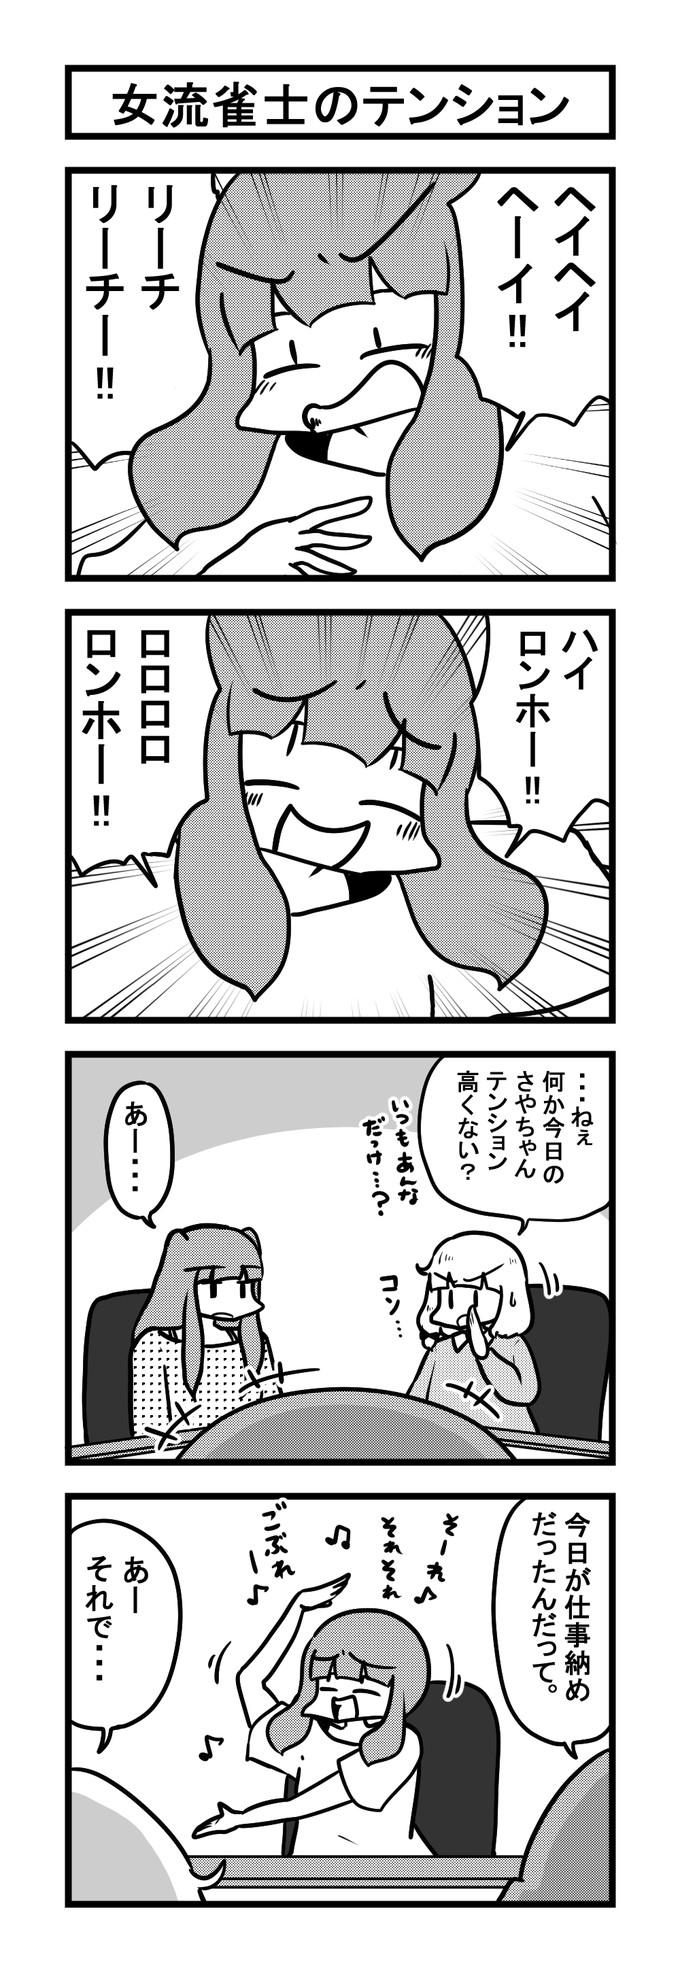 967女流雀士のテンション-min-1